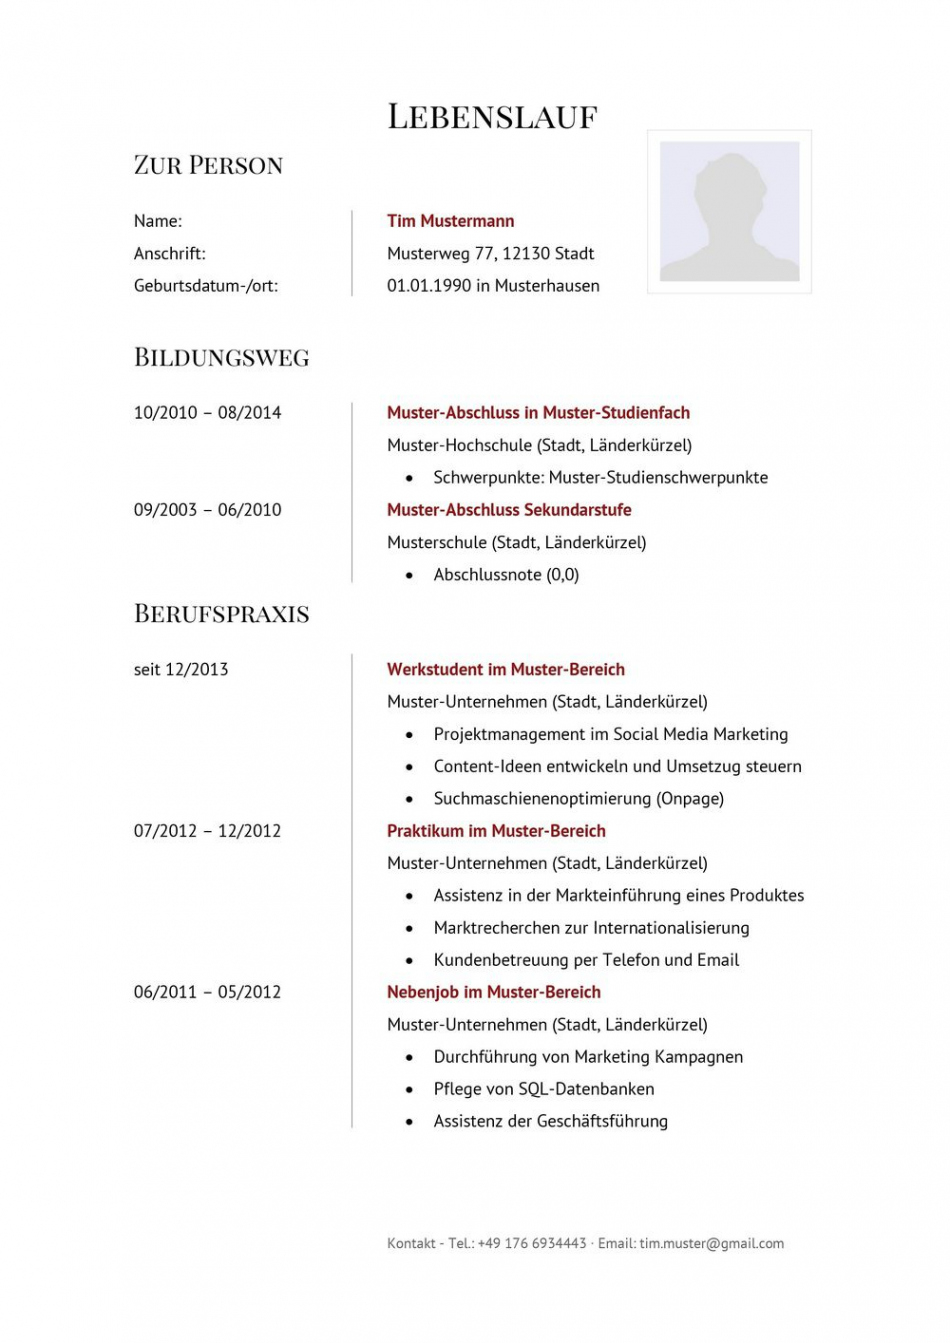 Lebenslauf: Referenzen In Bewerbung Angeben  Lebenslaufdesignsde Lebenslauf Vorlage Referenzen